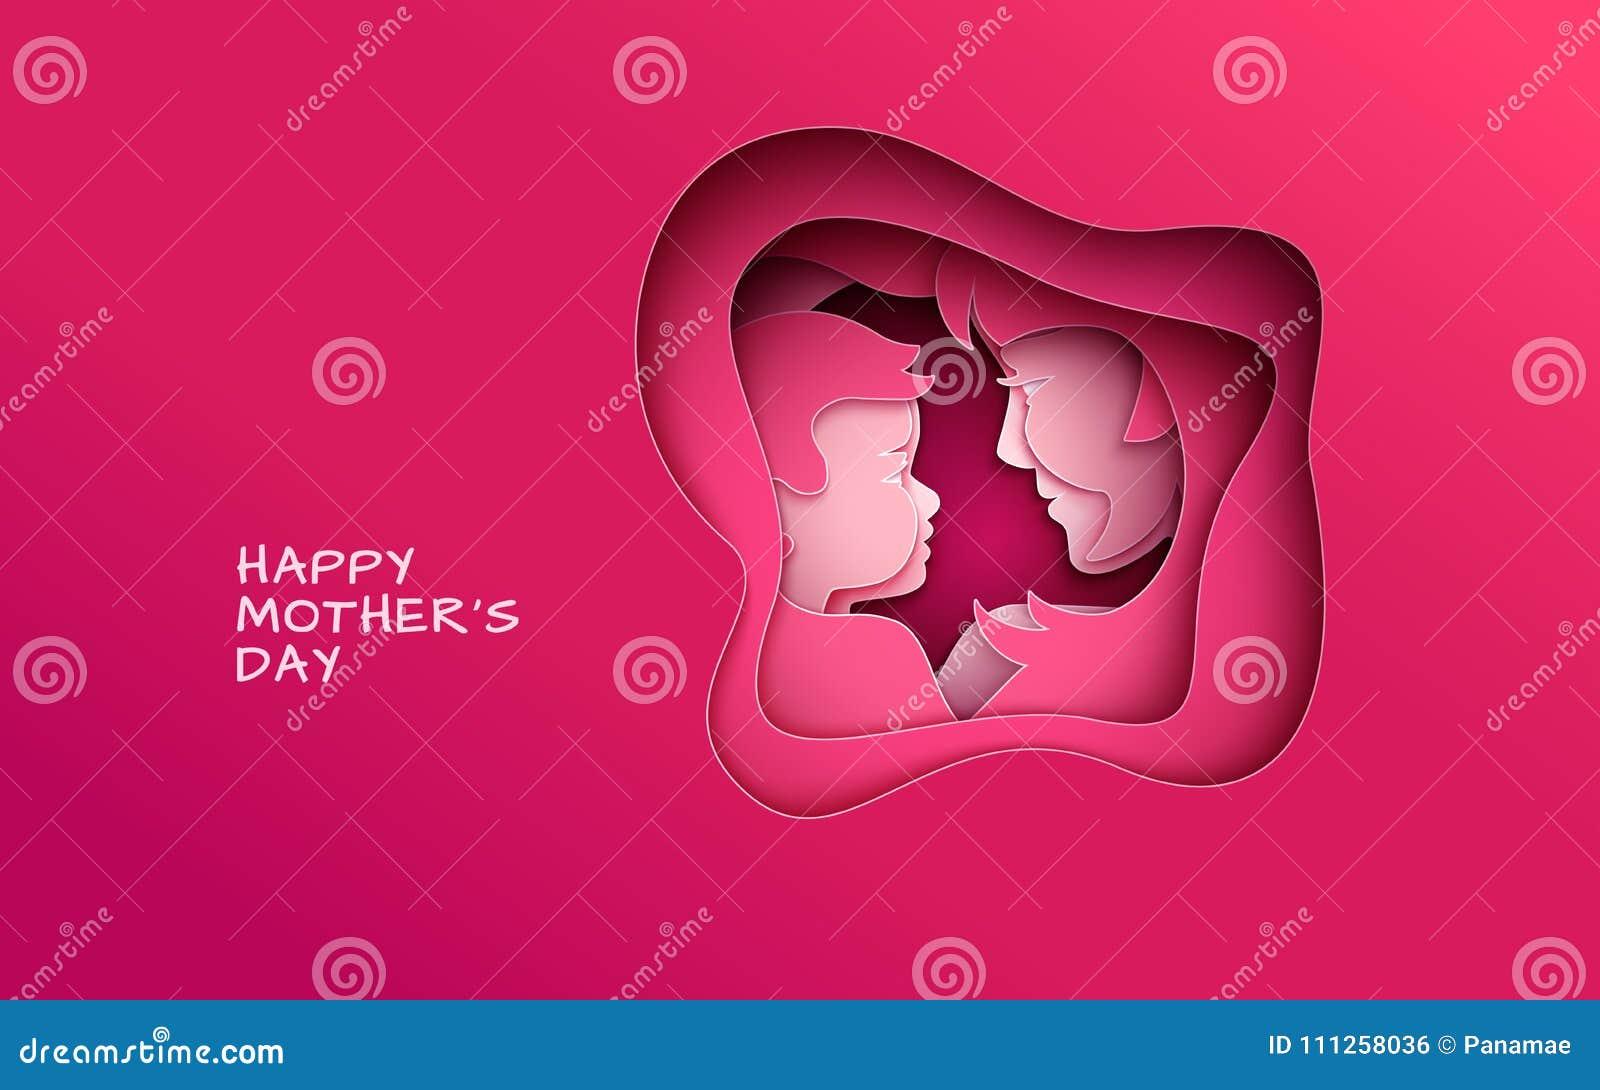 照顾` s天问候横幅,在红色背景的抽象cuted形状 妇女&婴孩剪影,祝贺文本 桃红色设计